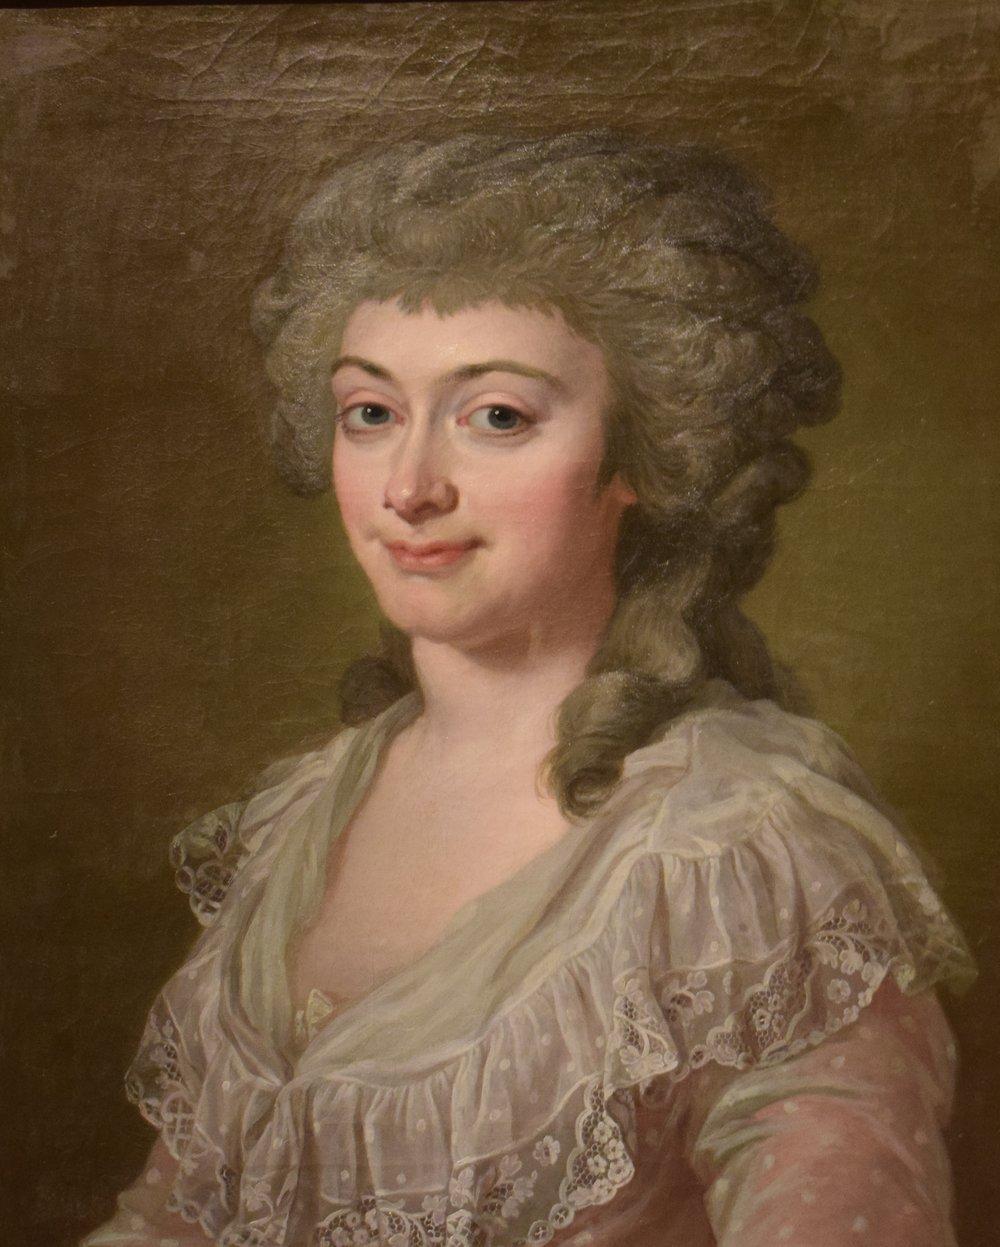 Lorens Pasch den yngre, Hedvig Eleonora von Fersen